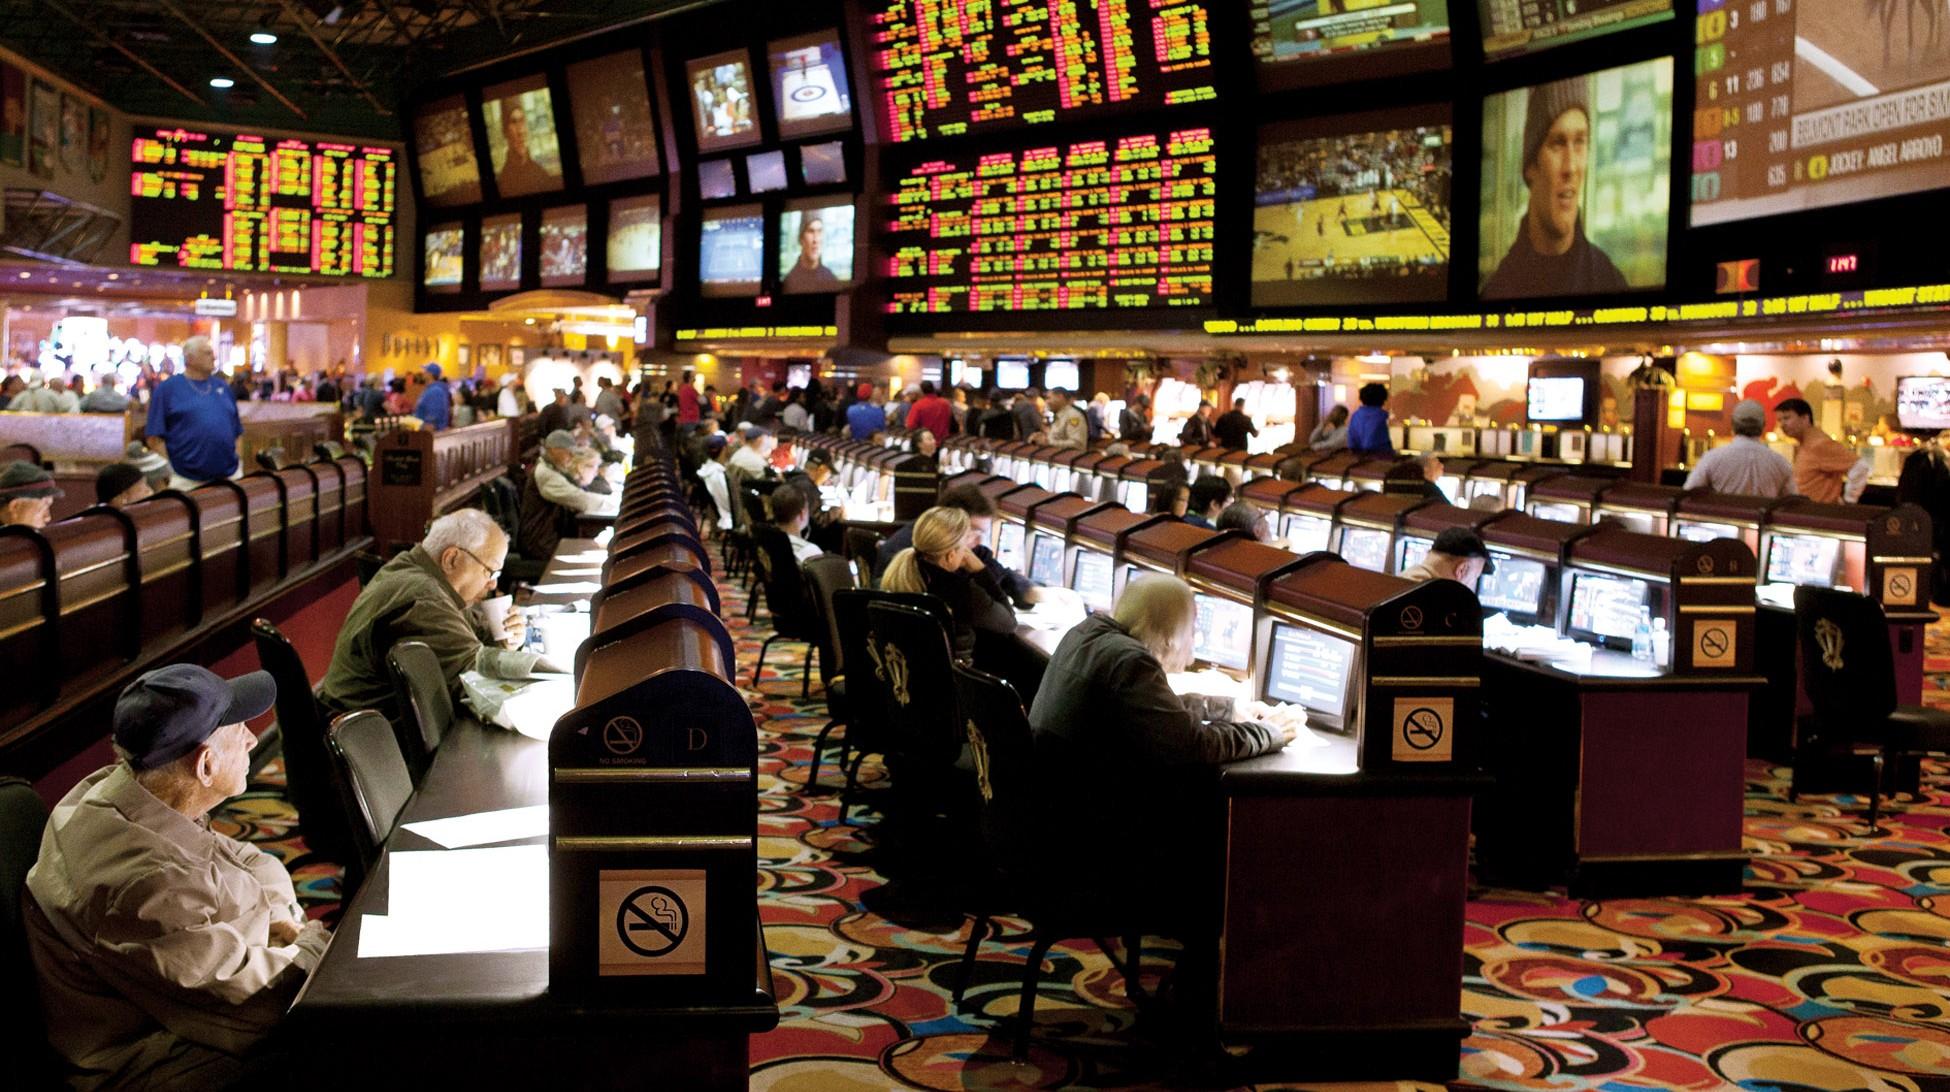 El juego y las apuestas (gambling): Vocabulario en inglés 2.4